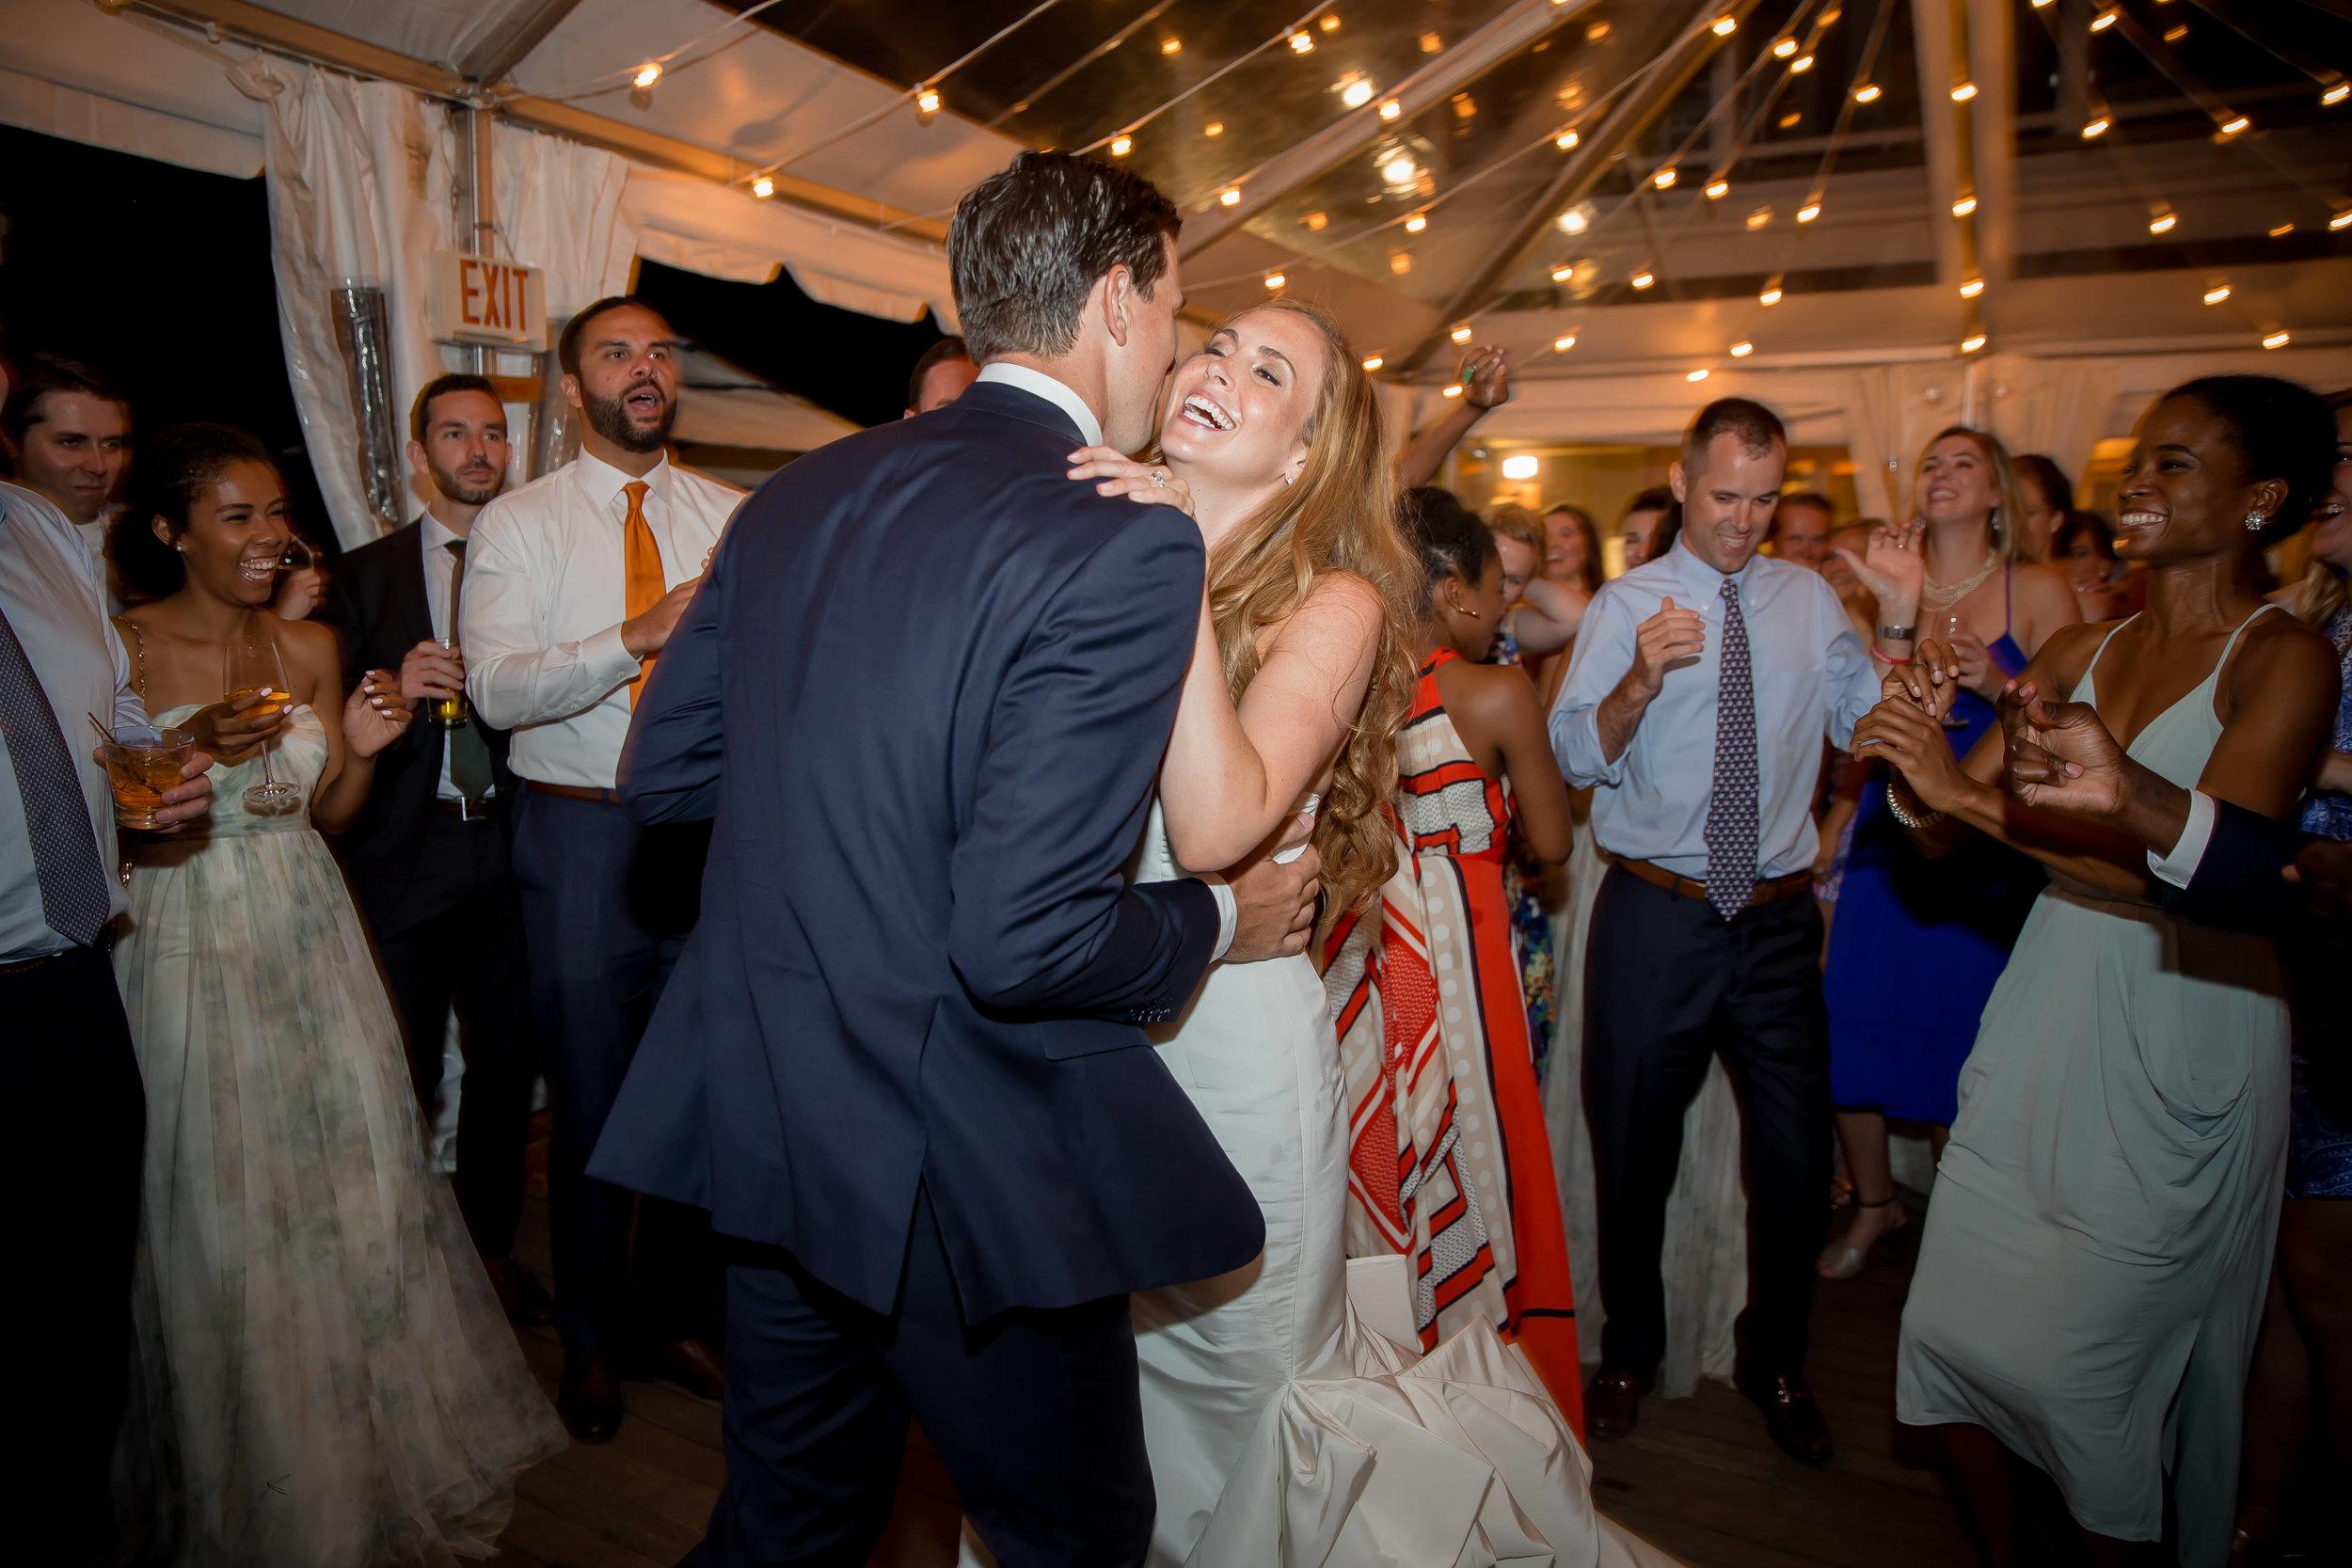 snickenberger-wedding-739.JPG